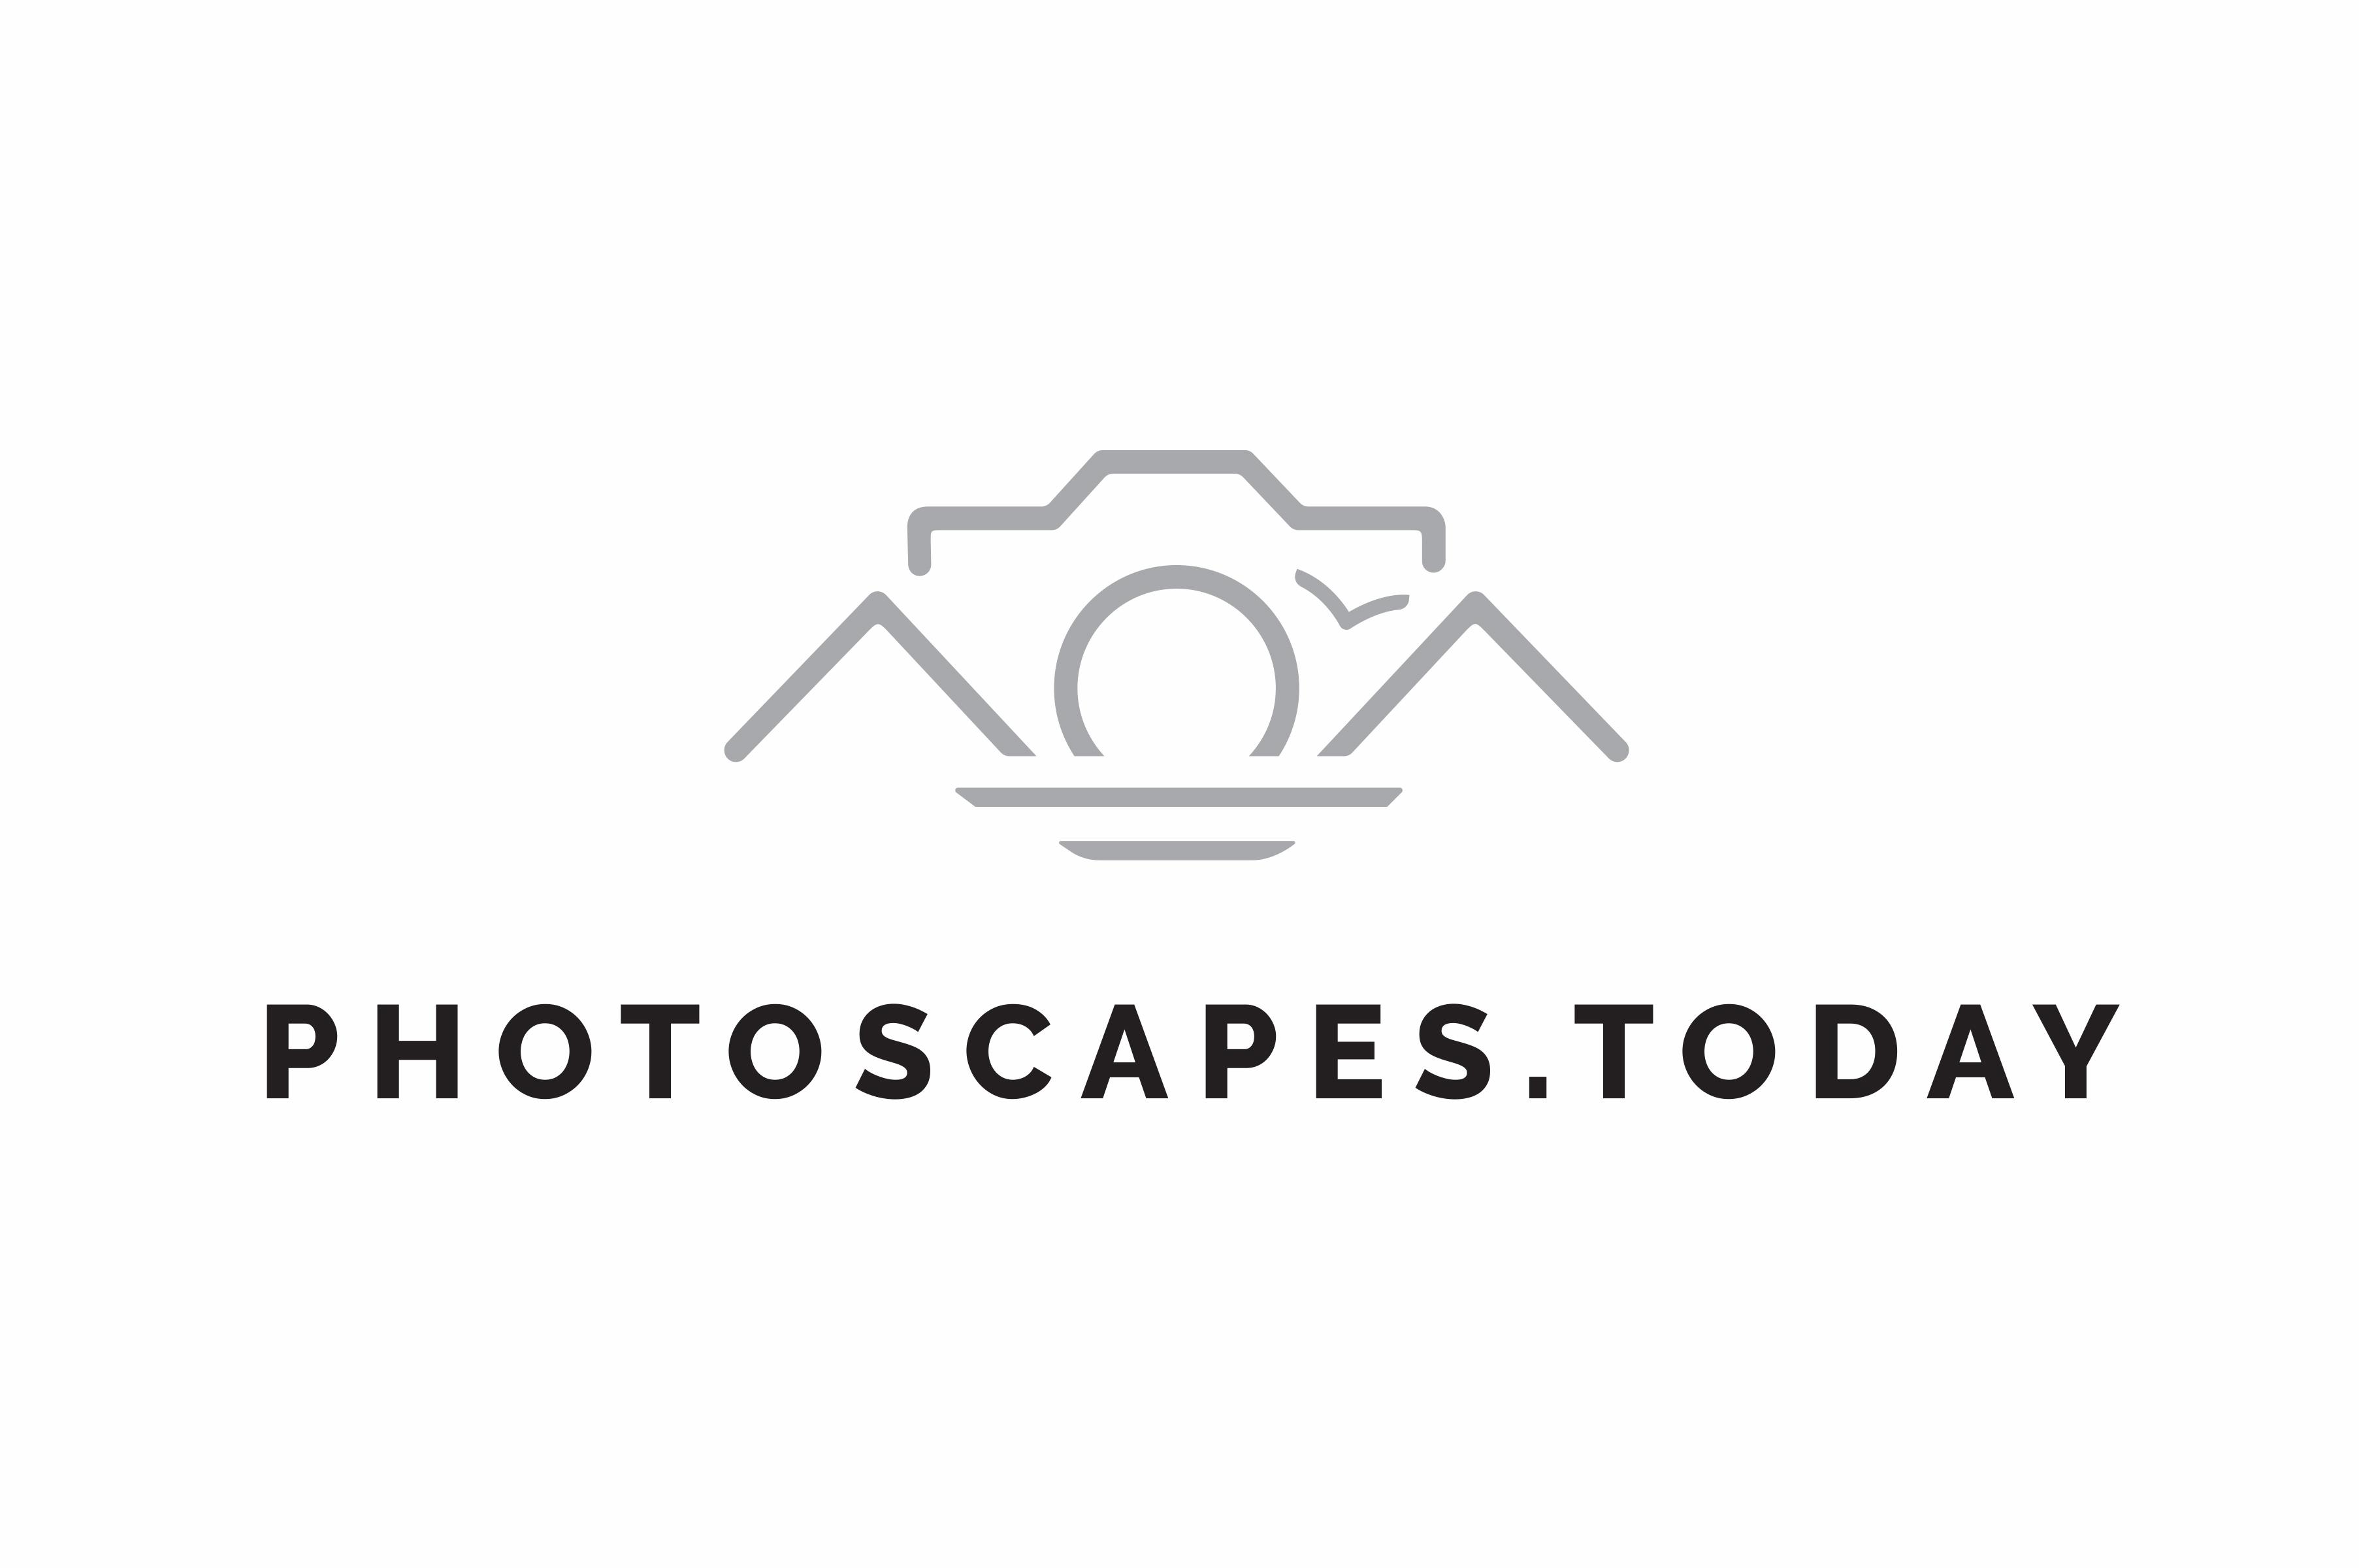 Photoscapes Logo